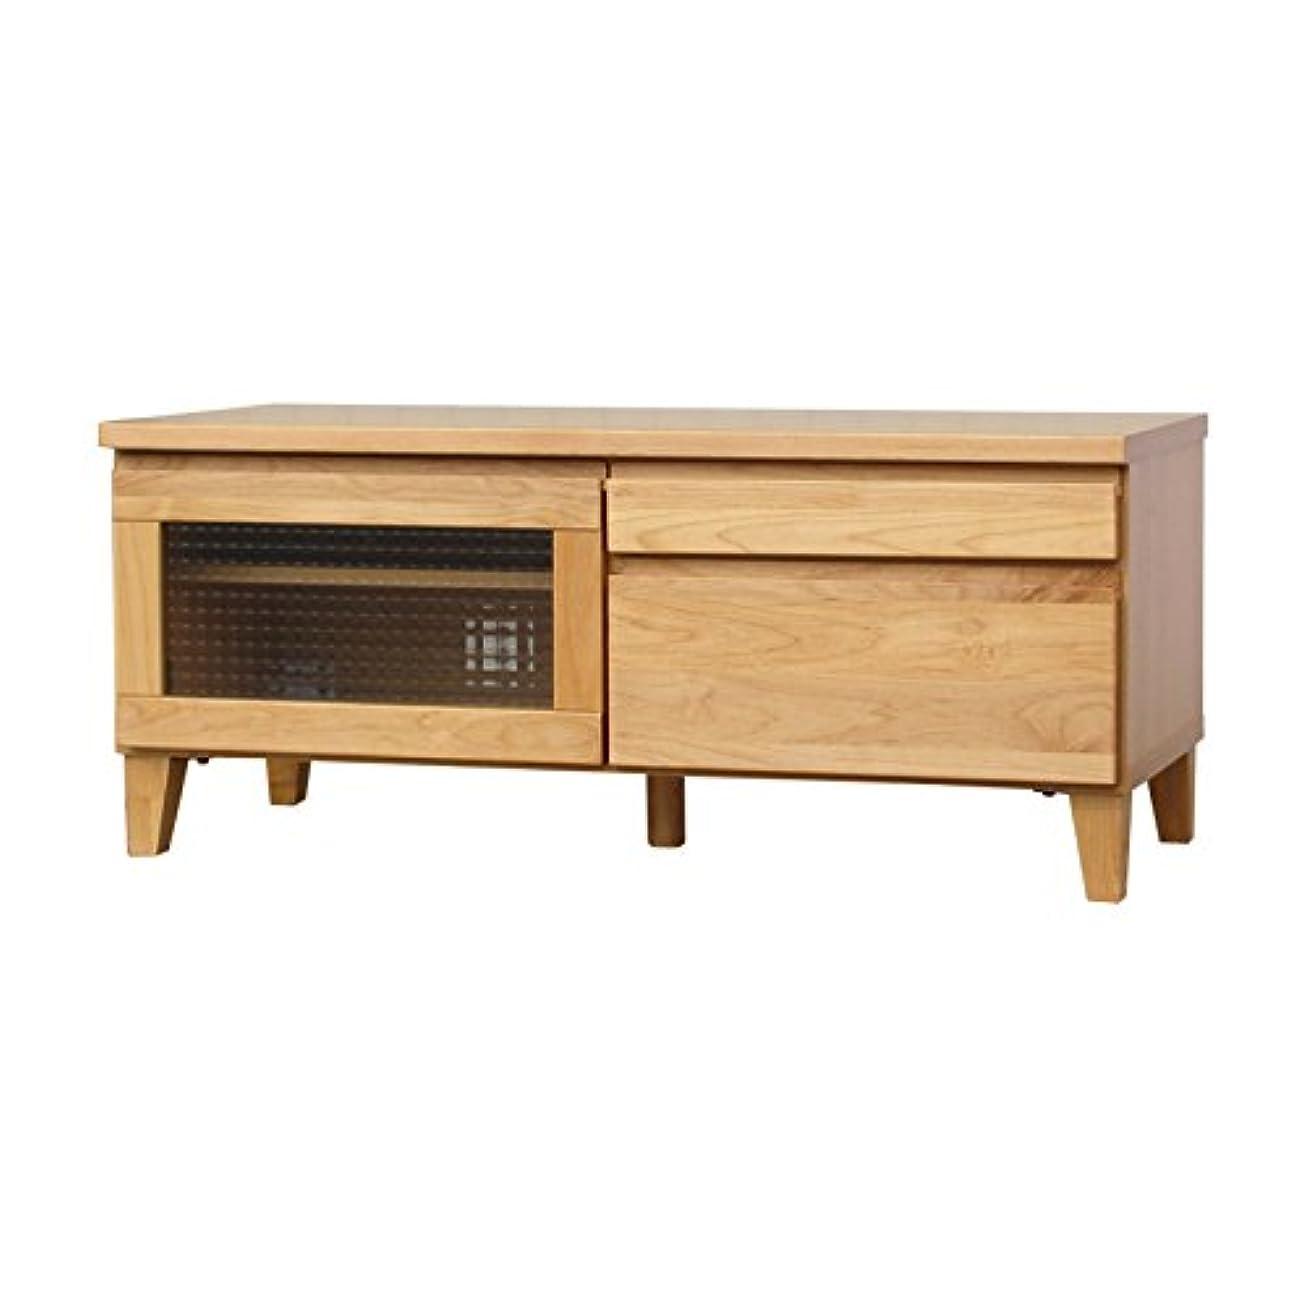 魔術師インシデント建物ISSEIKI テレビボード TVボード アルダー色 幅100cm 選べる3サイズ 木製家具 【FL-11-1】